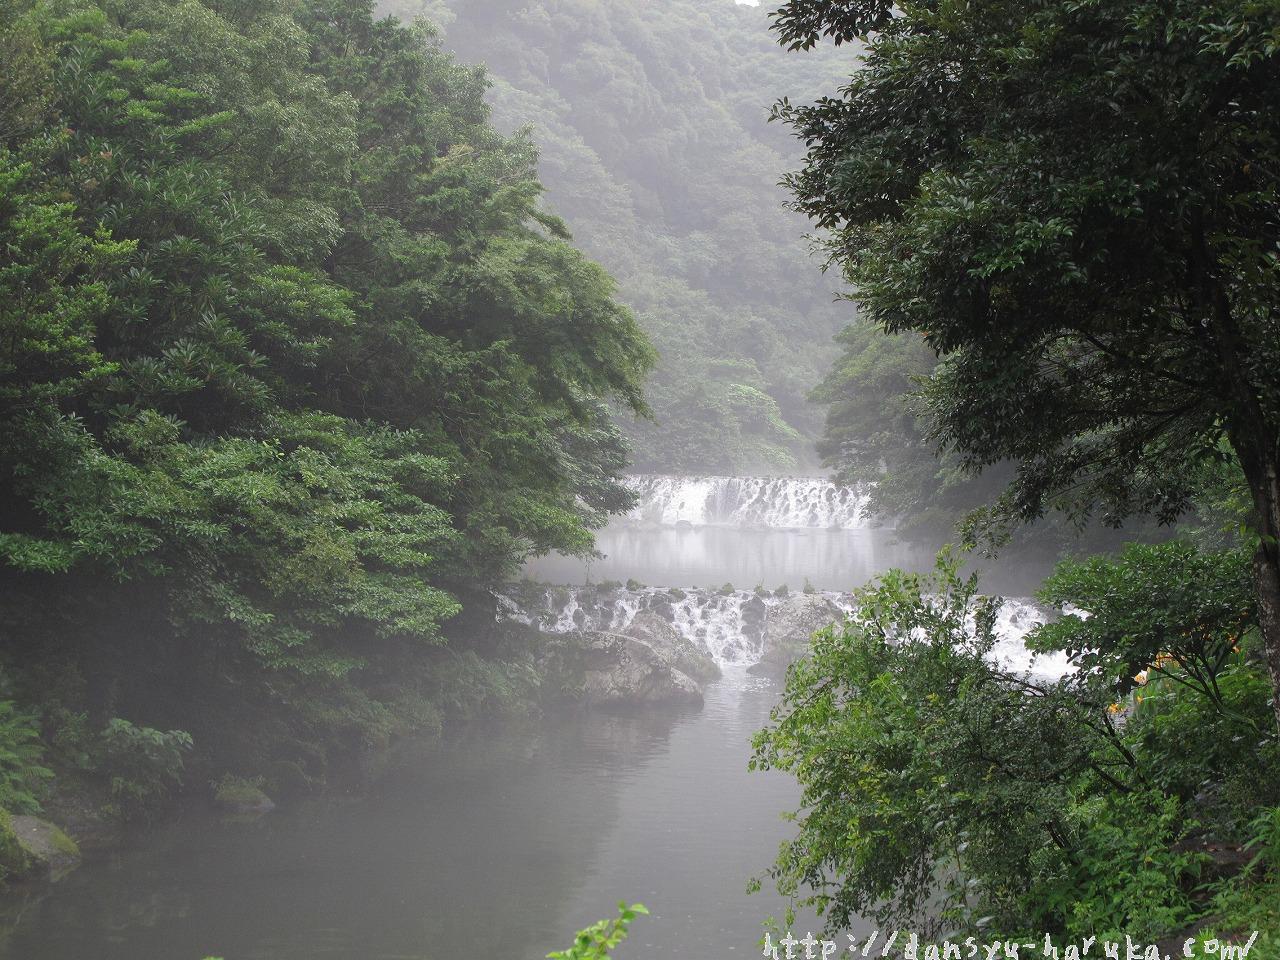 断酒主婦はるかが撮った滝の景色